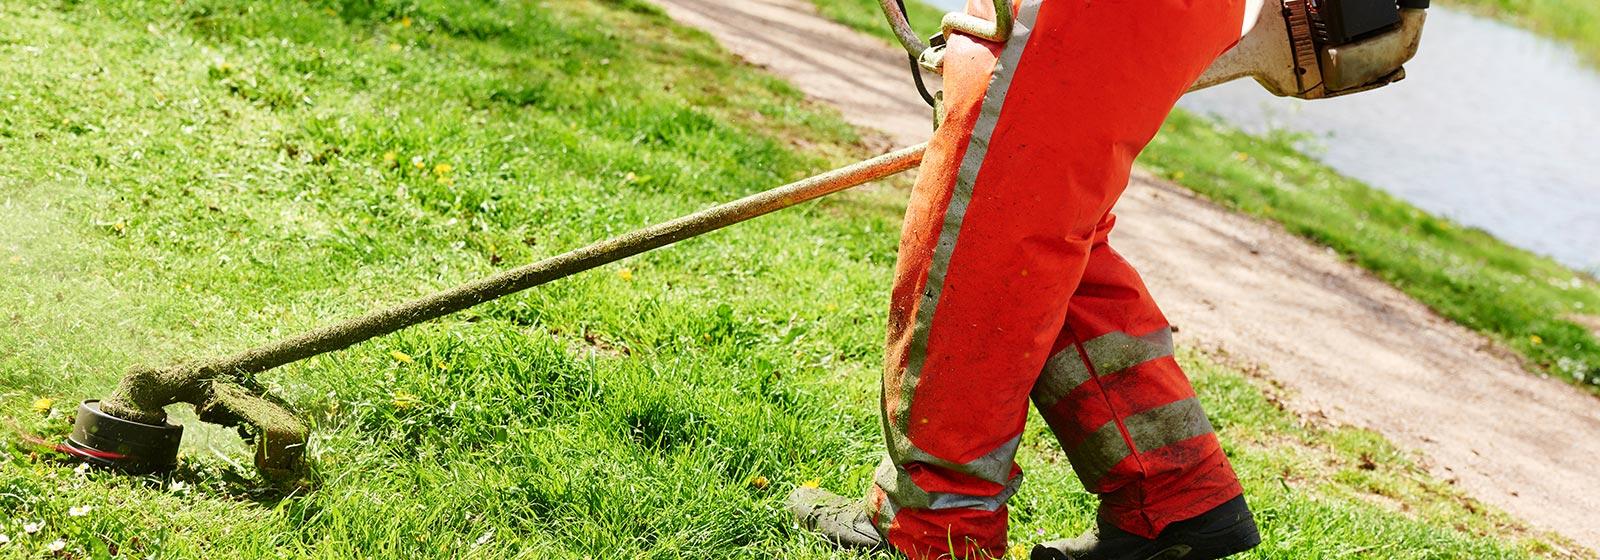 Grounds maintenance ld environmental solutions for Garden maintenance work